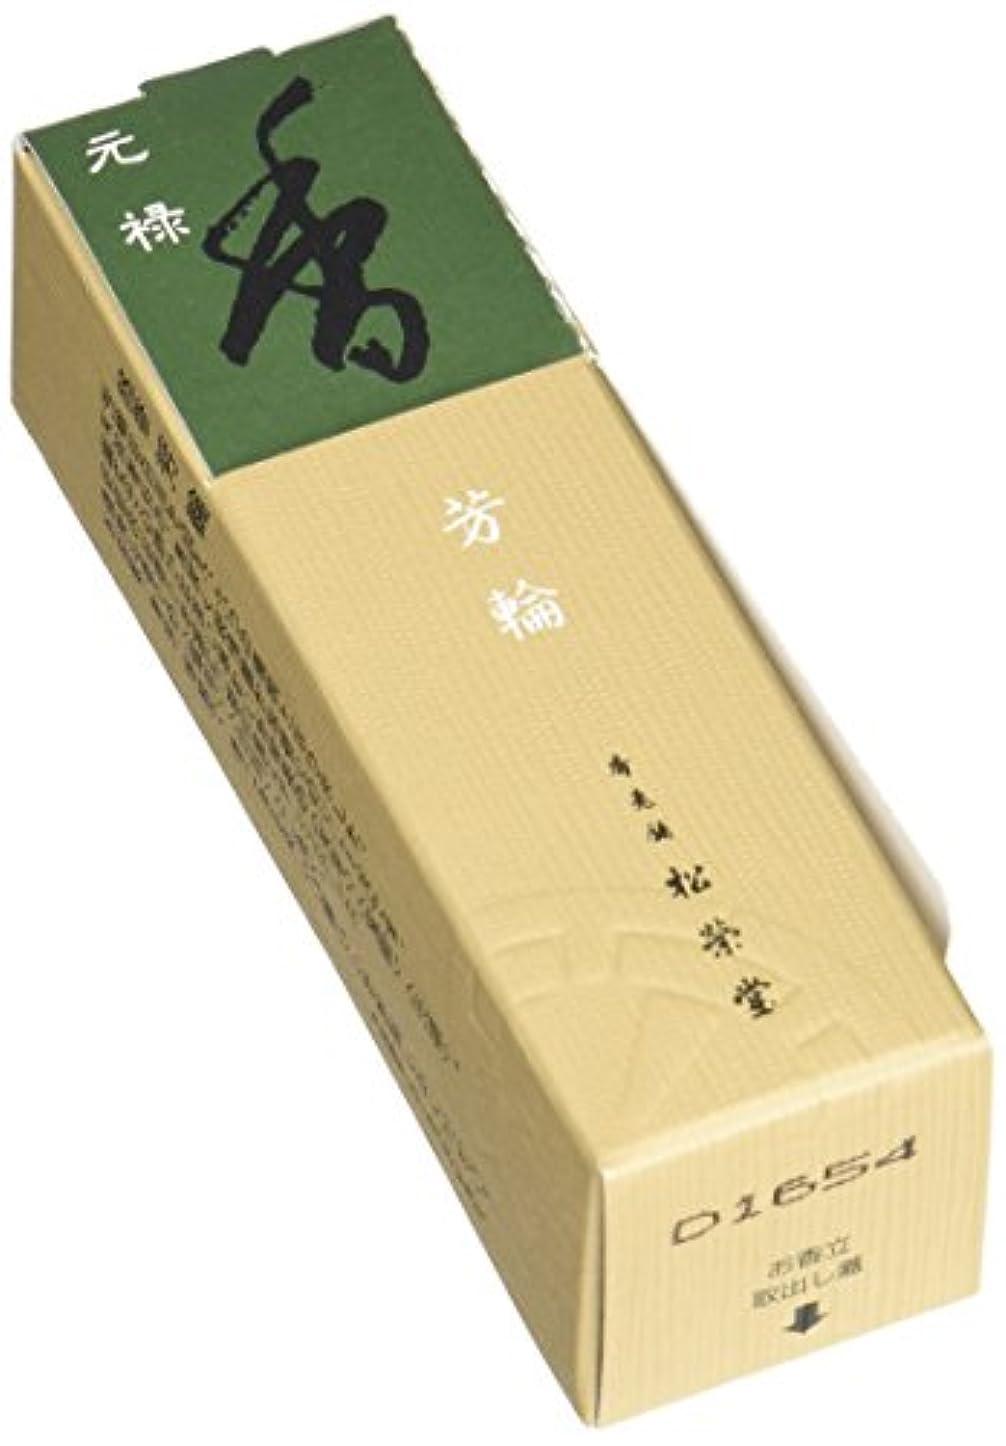 ペスト開発バイソン松栄堂のお香 芳輪元禄 ST20本入 簡易香立付 #210323